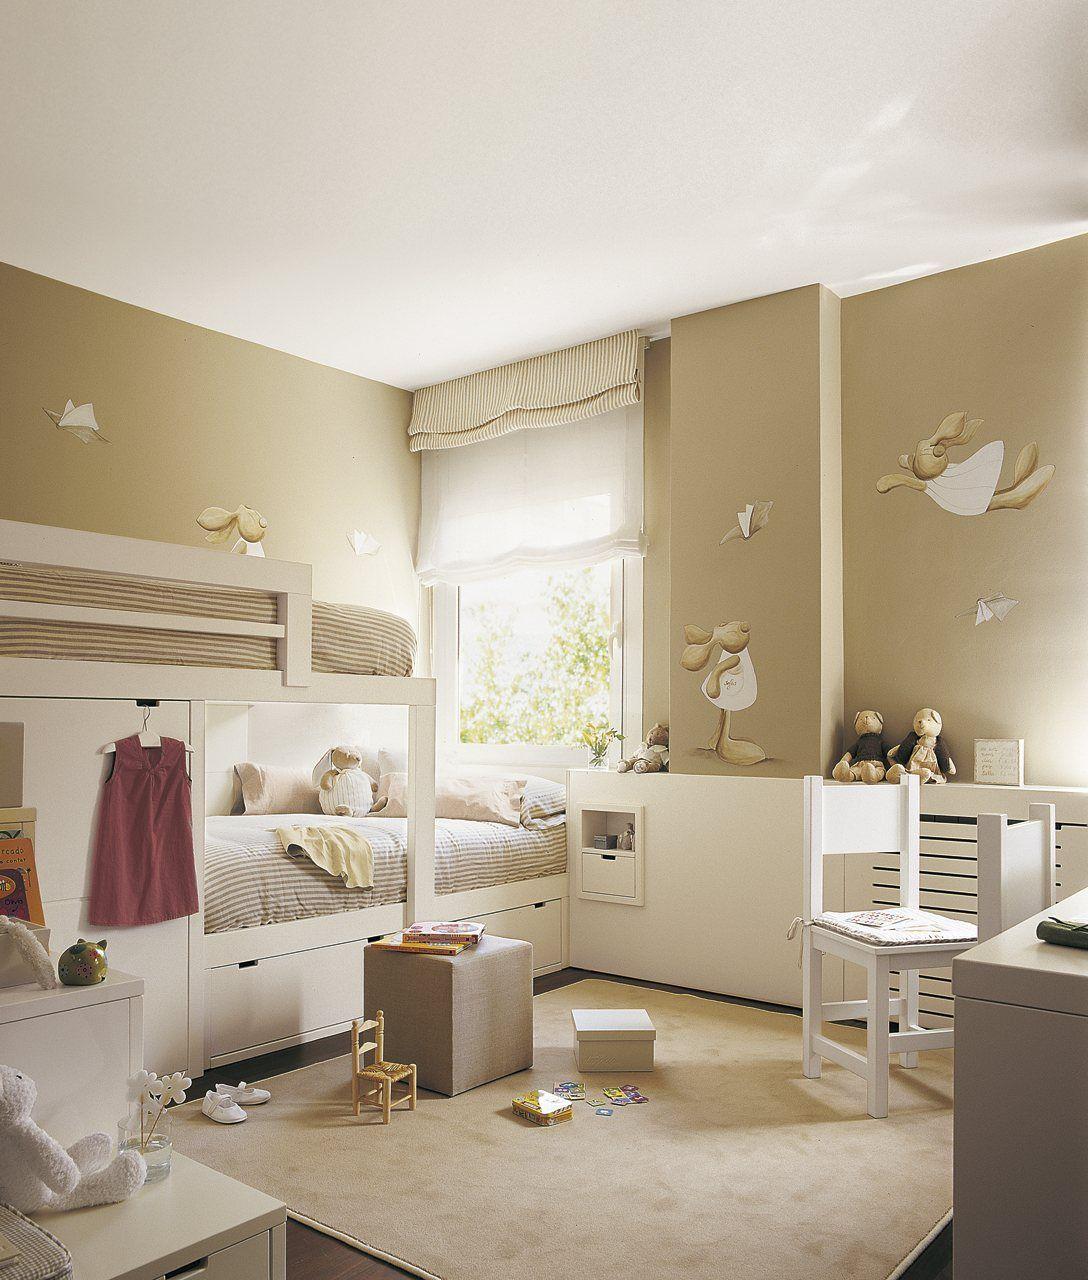 Cinco habitaciones de ni os solucionadas a medida for Dormitorio ninos diseno